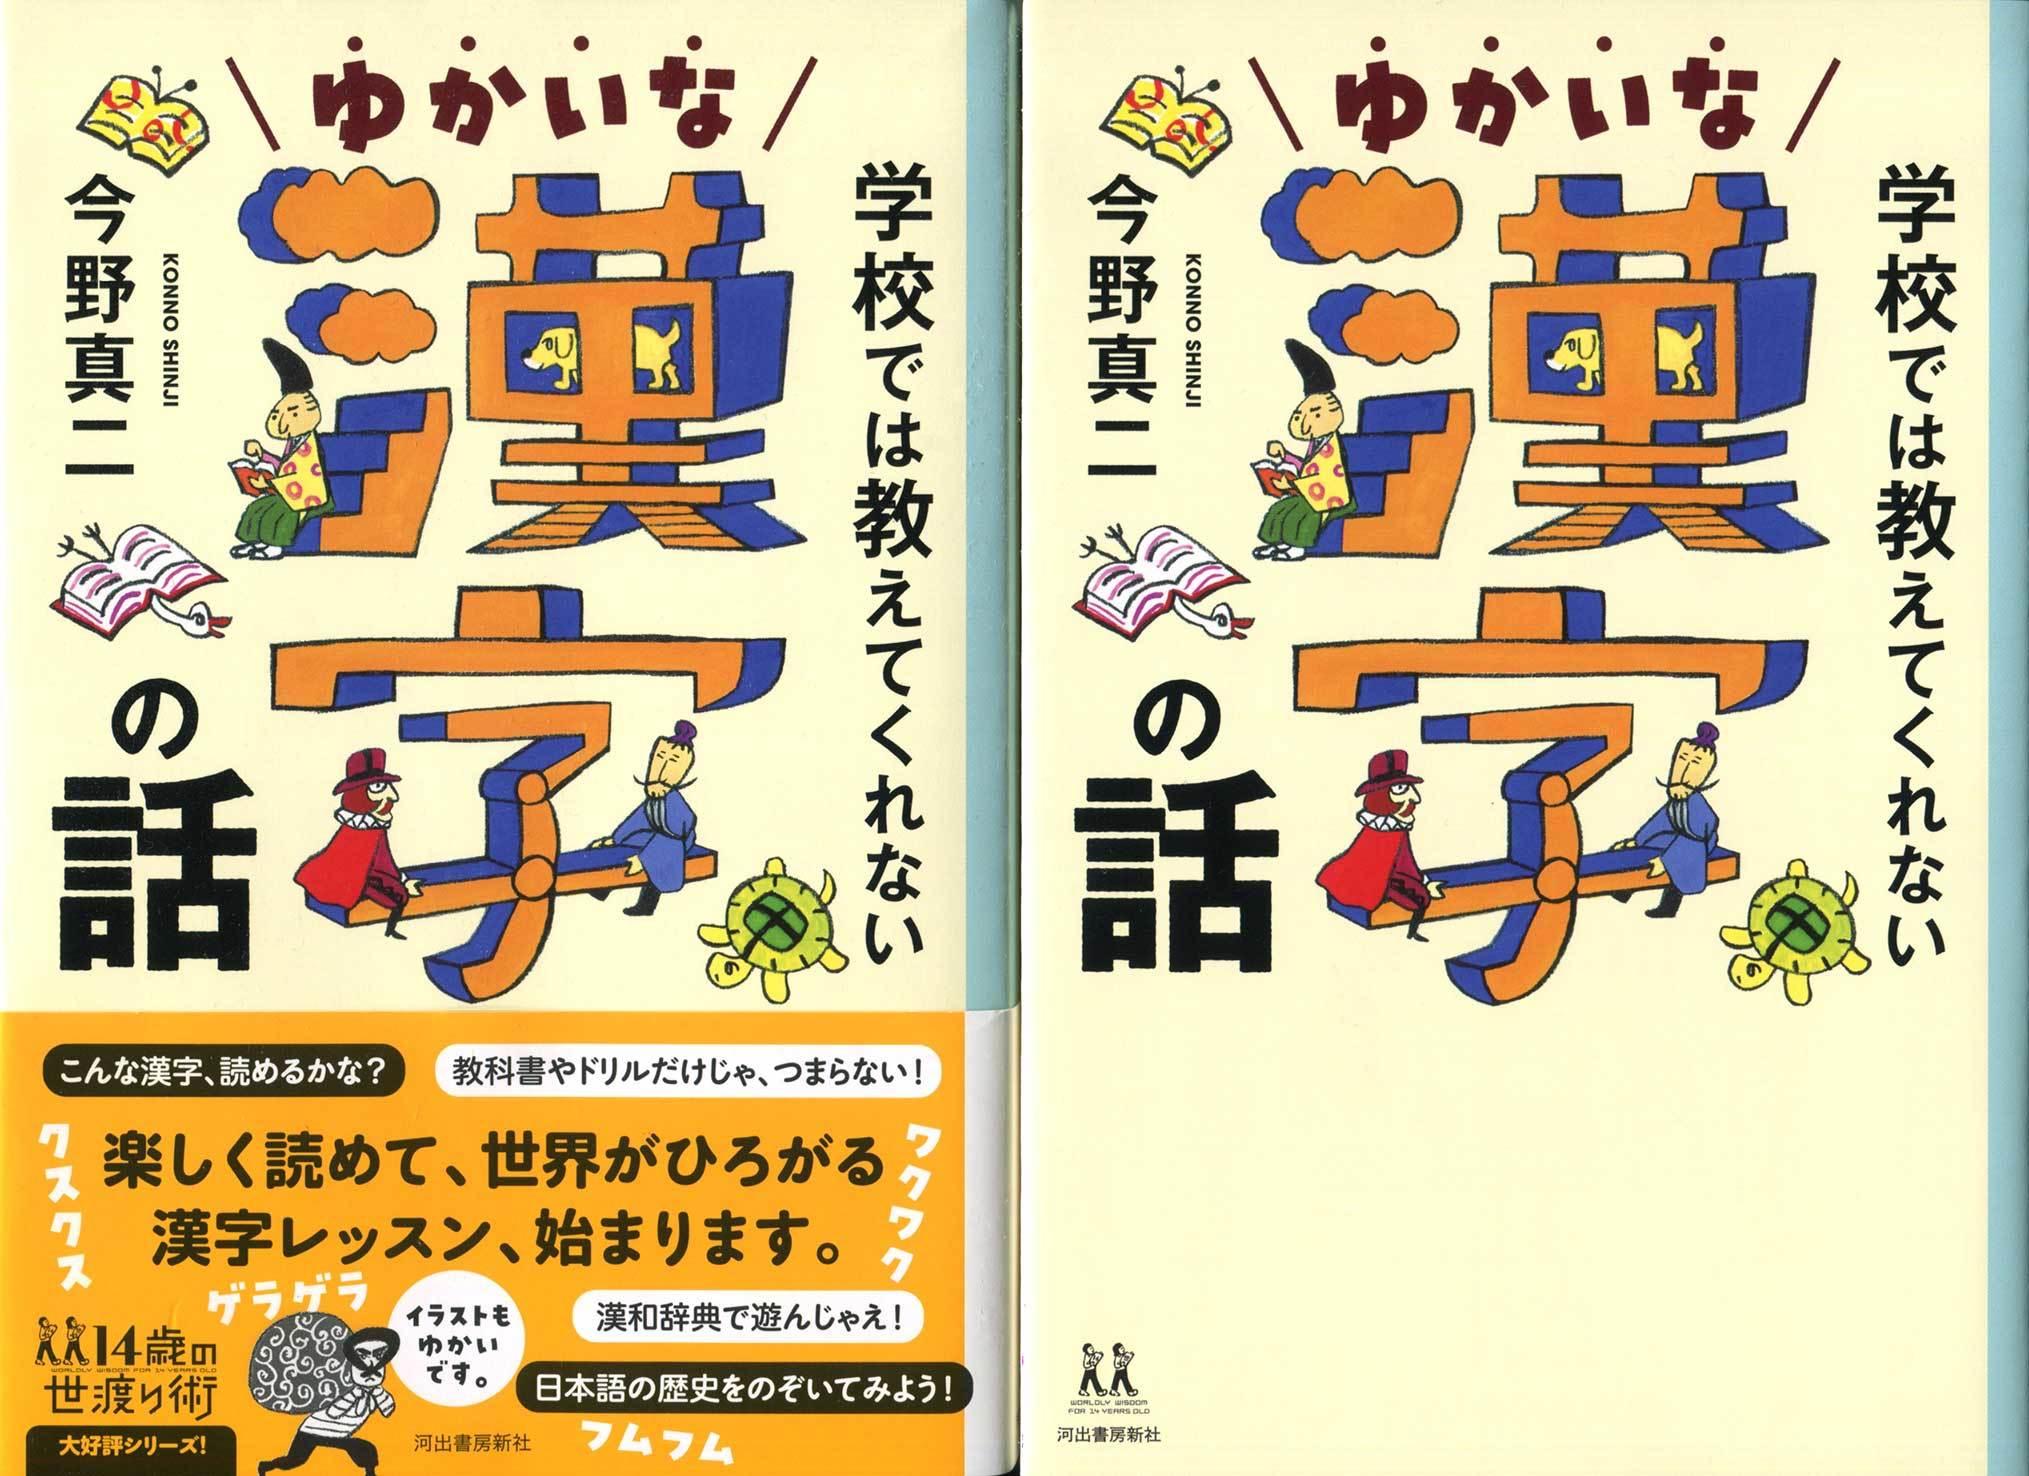 『学校では教えてくれない ゆかいな漢字の話』イラスト_a0048227_16121700.jpg